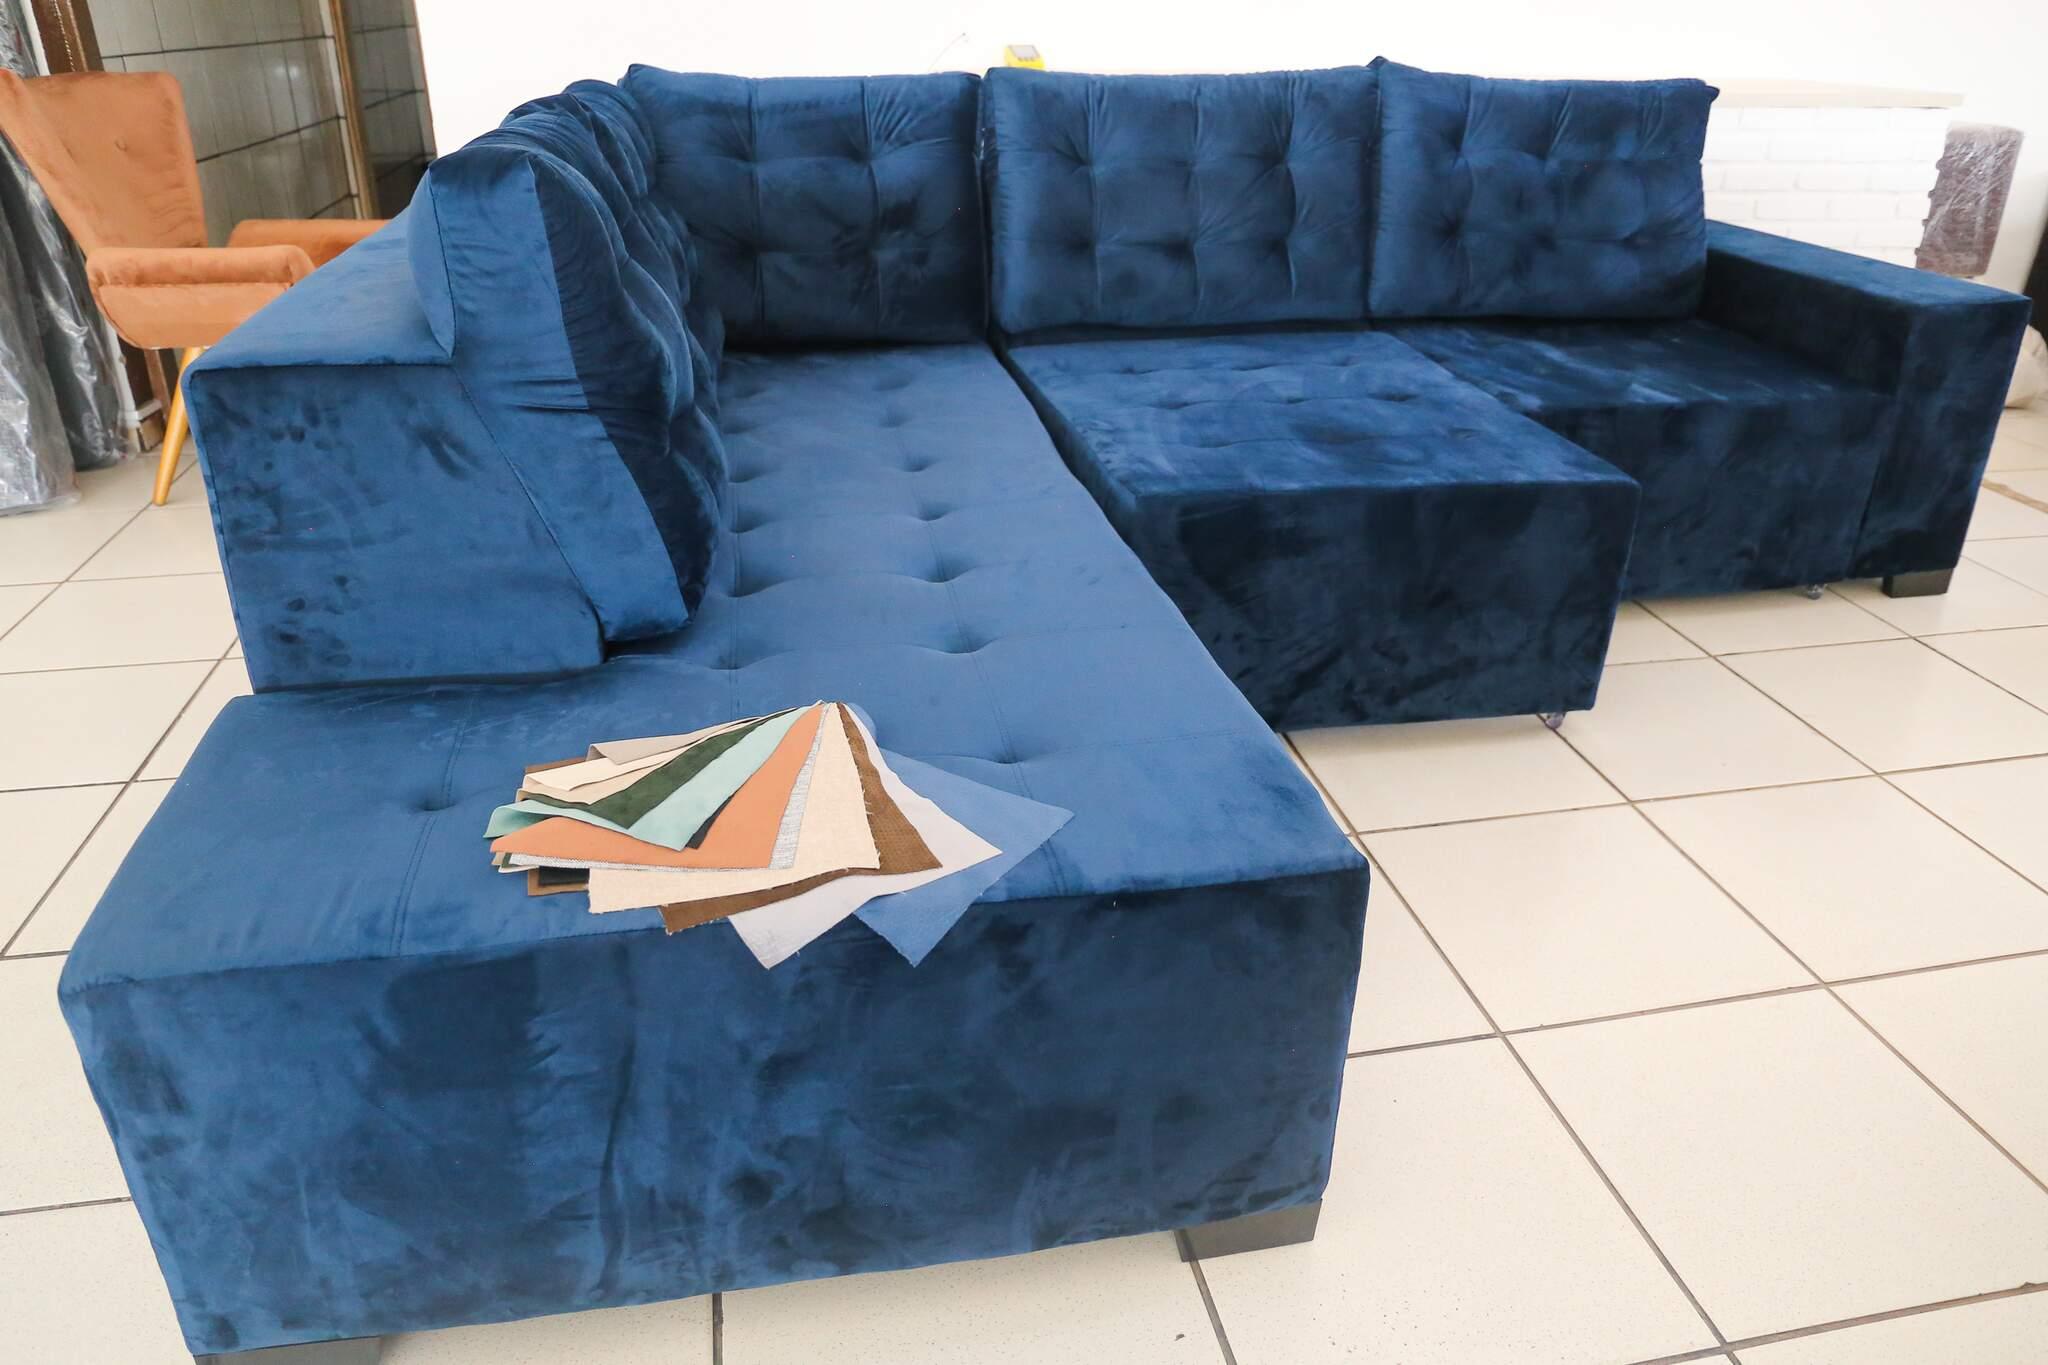 Garanta sofás em diferentes cores e modelos à pronta entrega ou sob medida. (Foto: Paulo Francis)